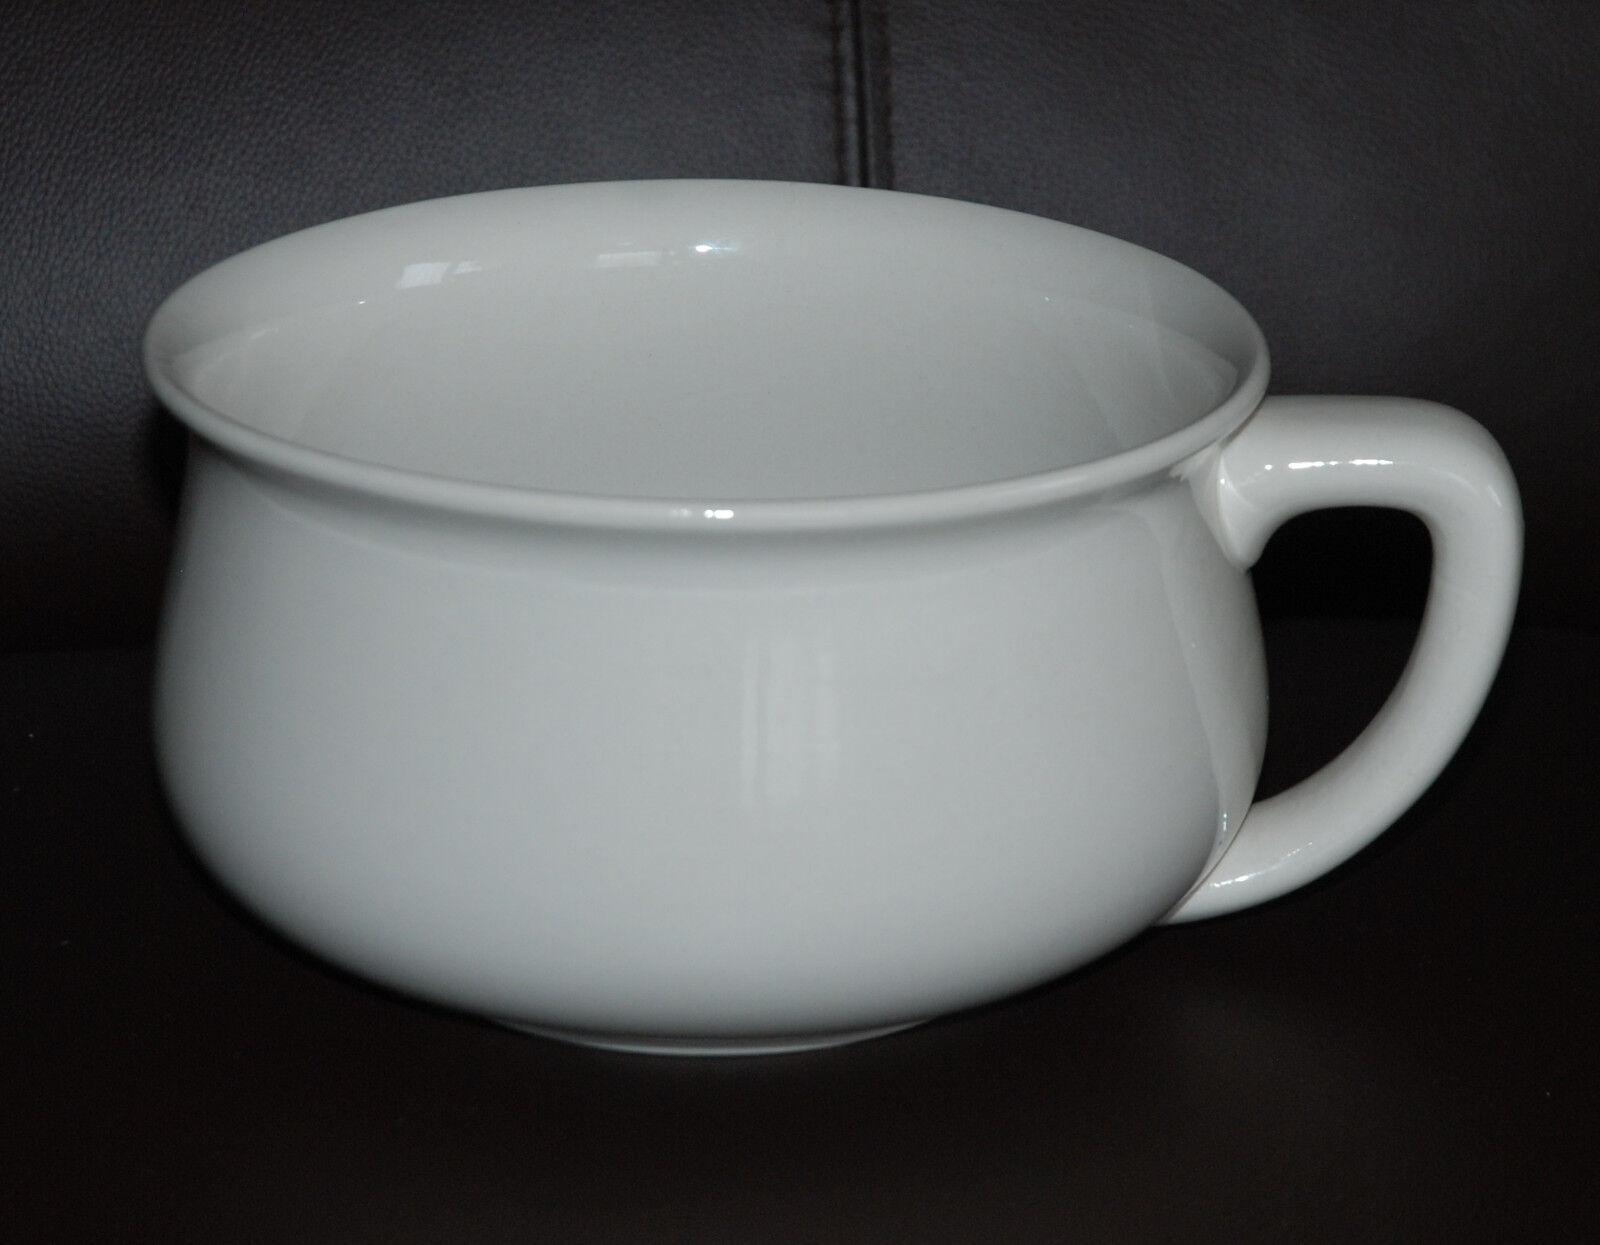 alter Nachttopf Keramik creme weiß formschön Durchm.18,5 Höhe ca.10 cm mit Stemp